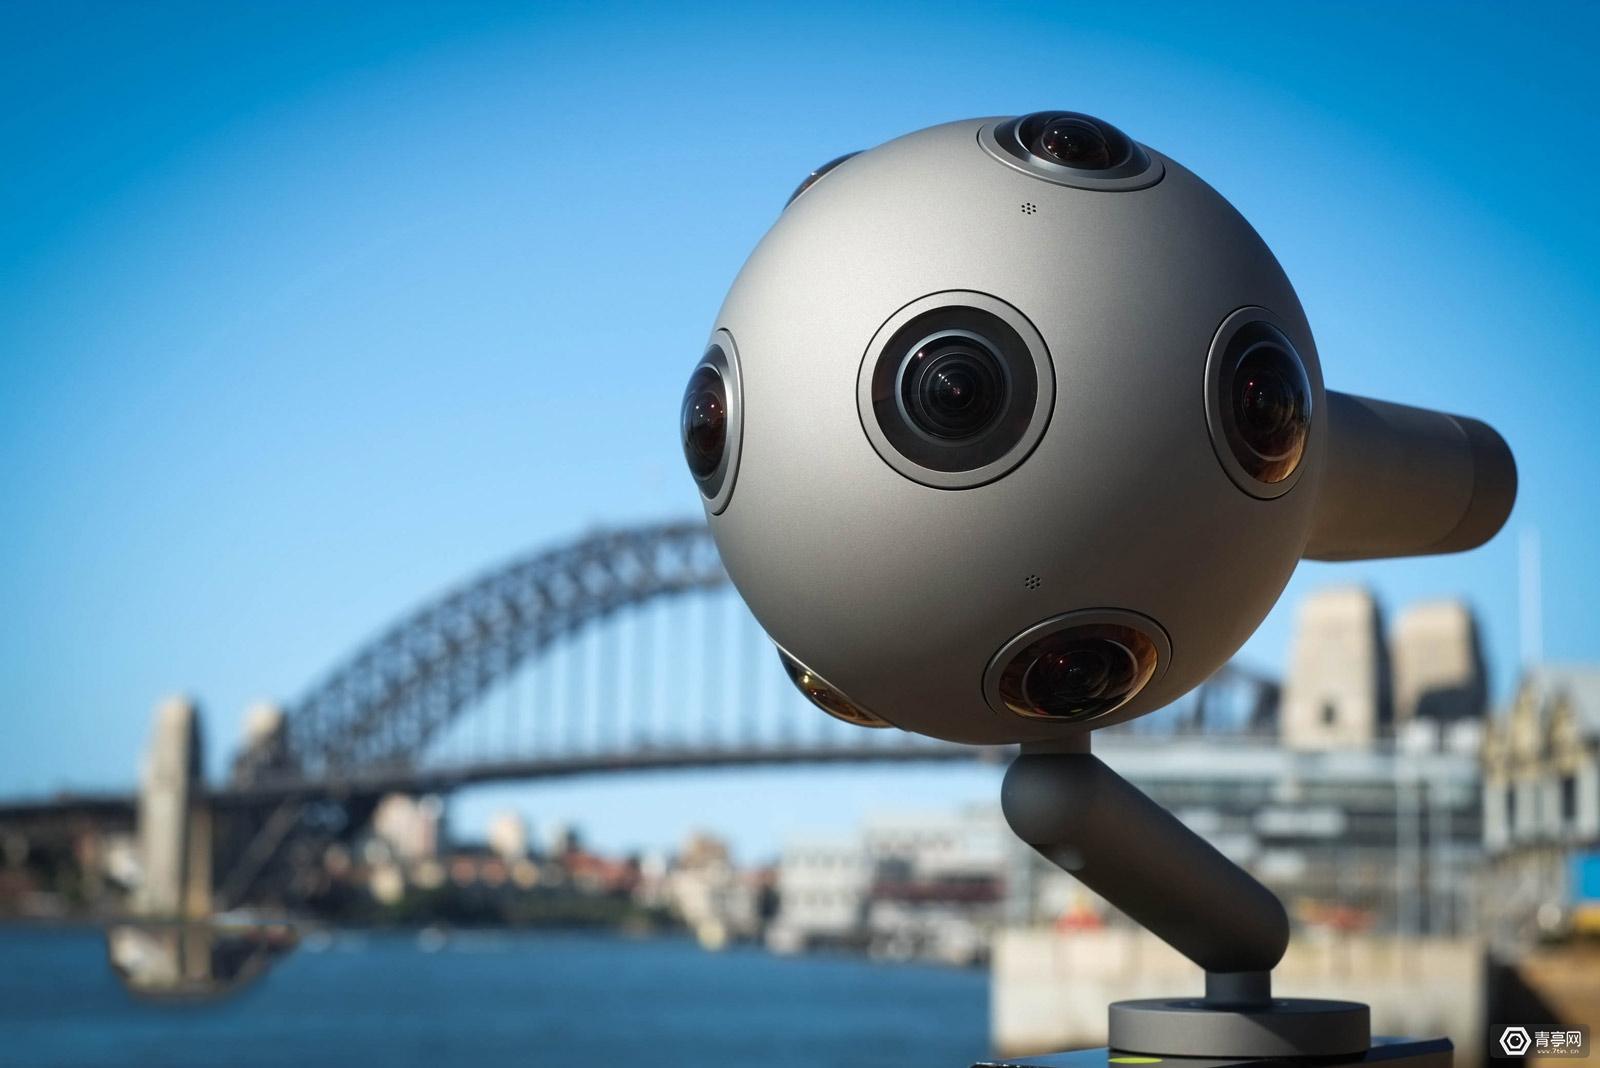 诺基亚推加强版OZO+,增加MR视频功能,套装售45000美元